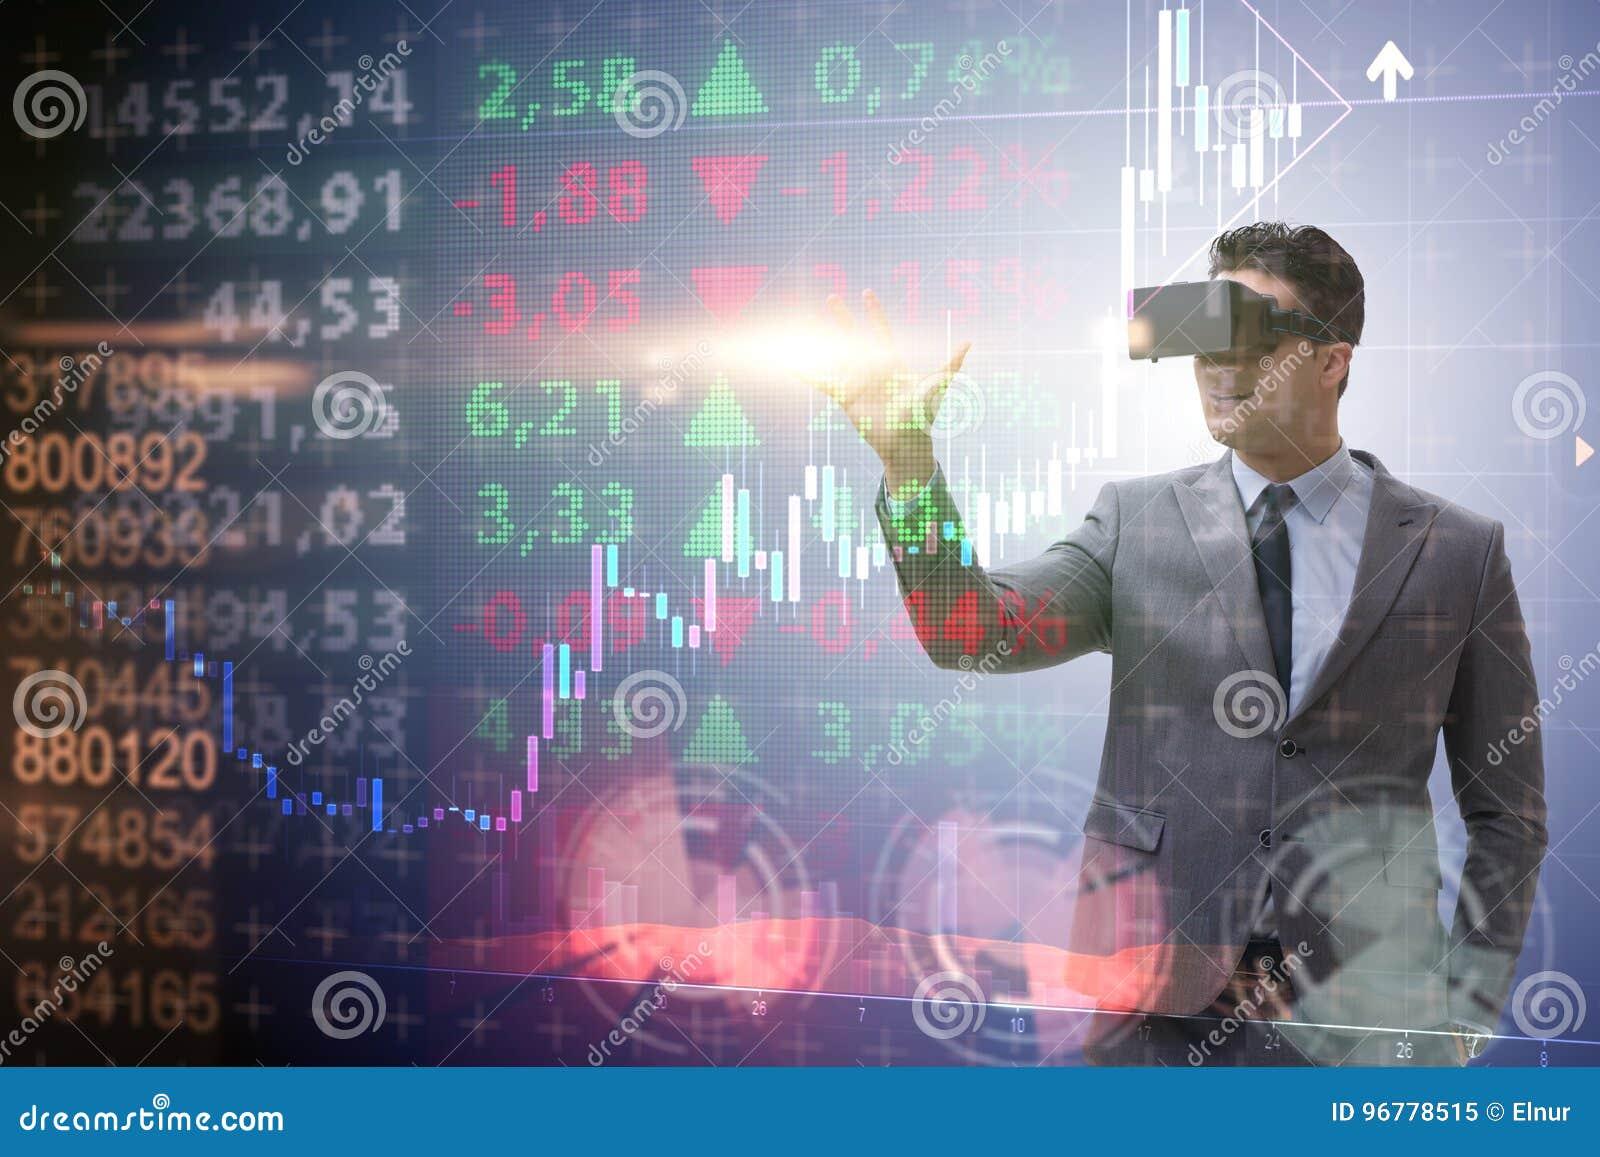 Бизнесмен в виртуальной реальности торгуя на фондовой бирже